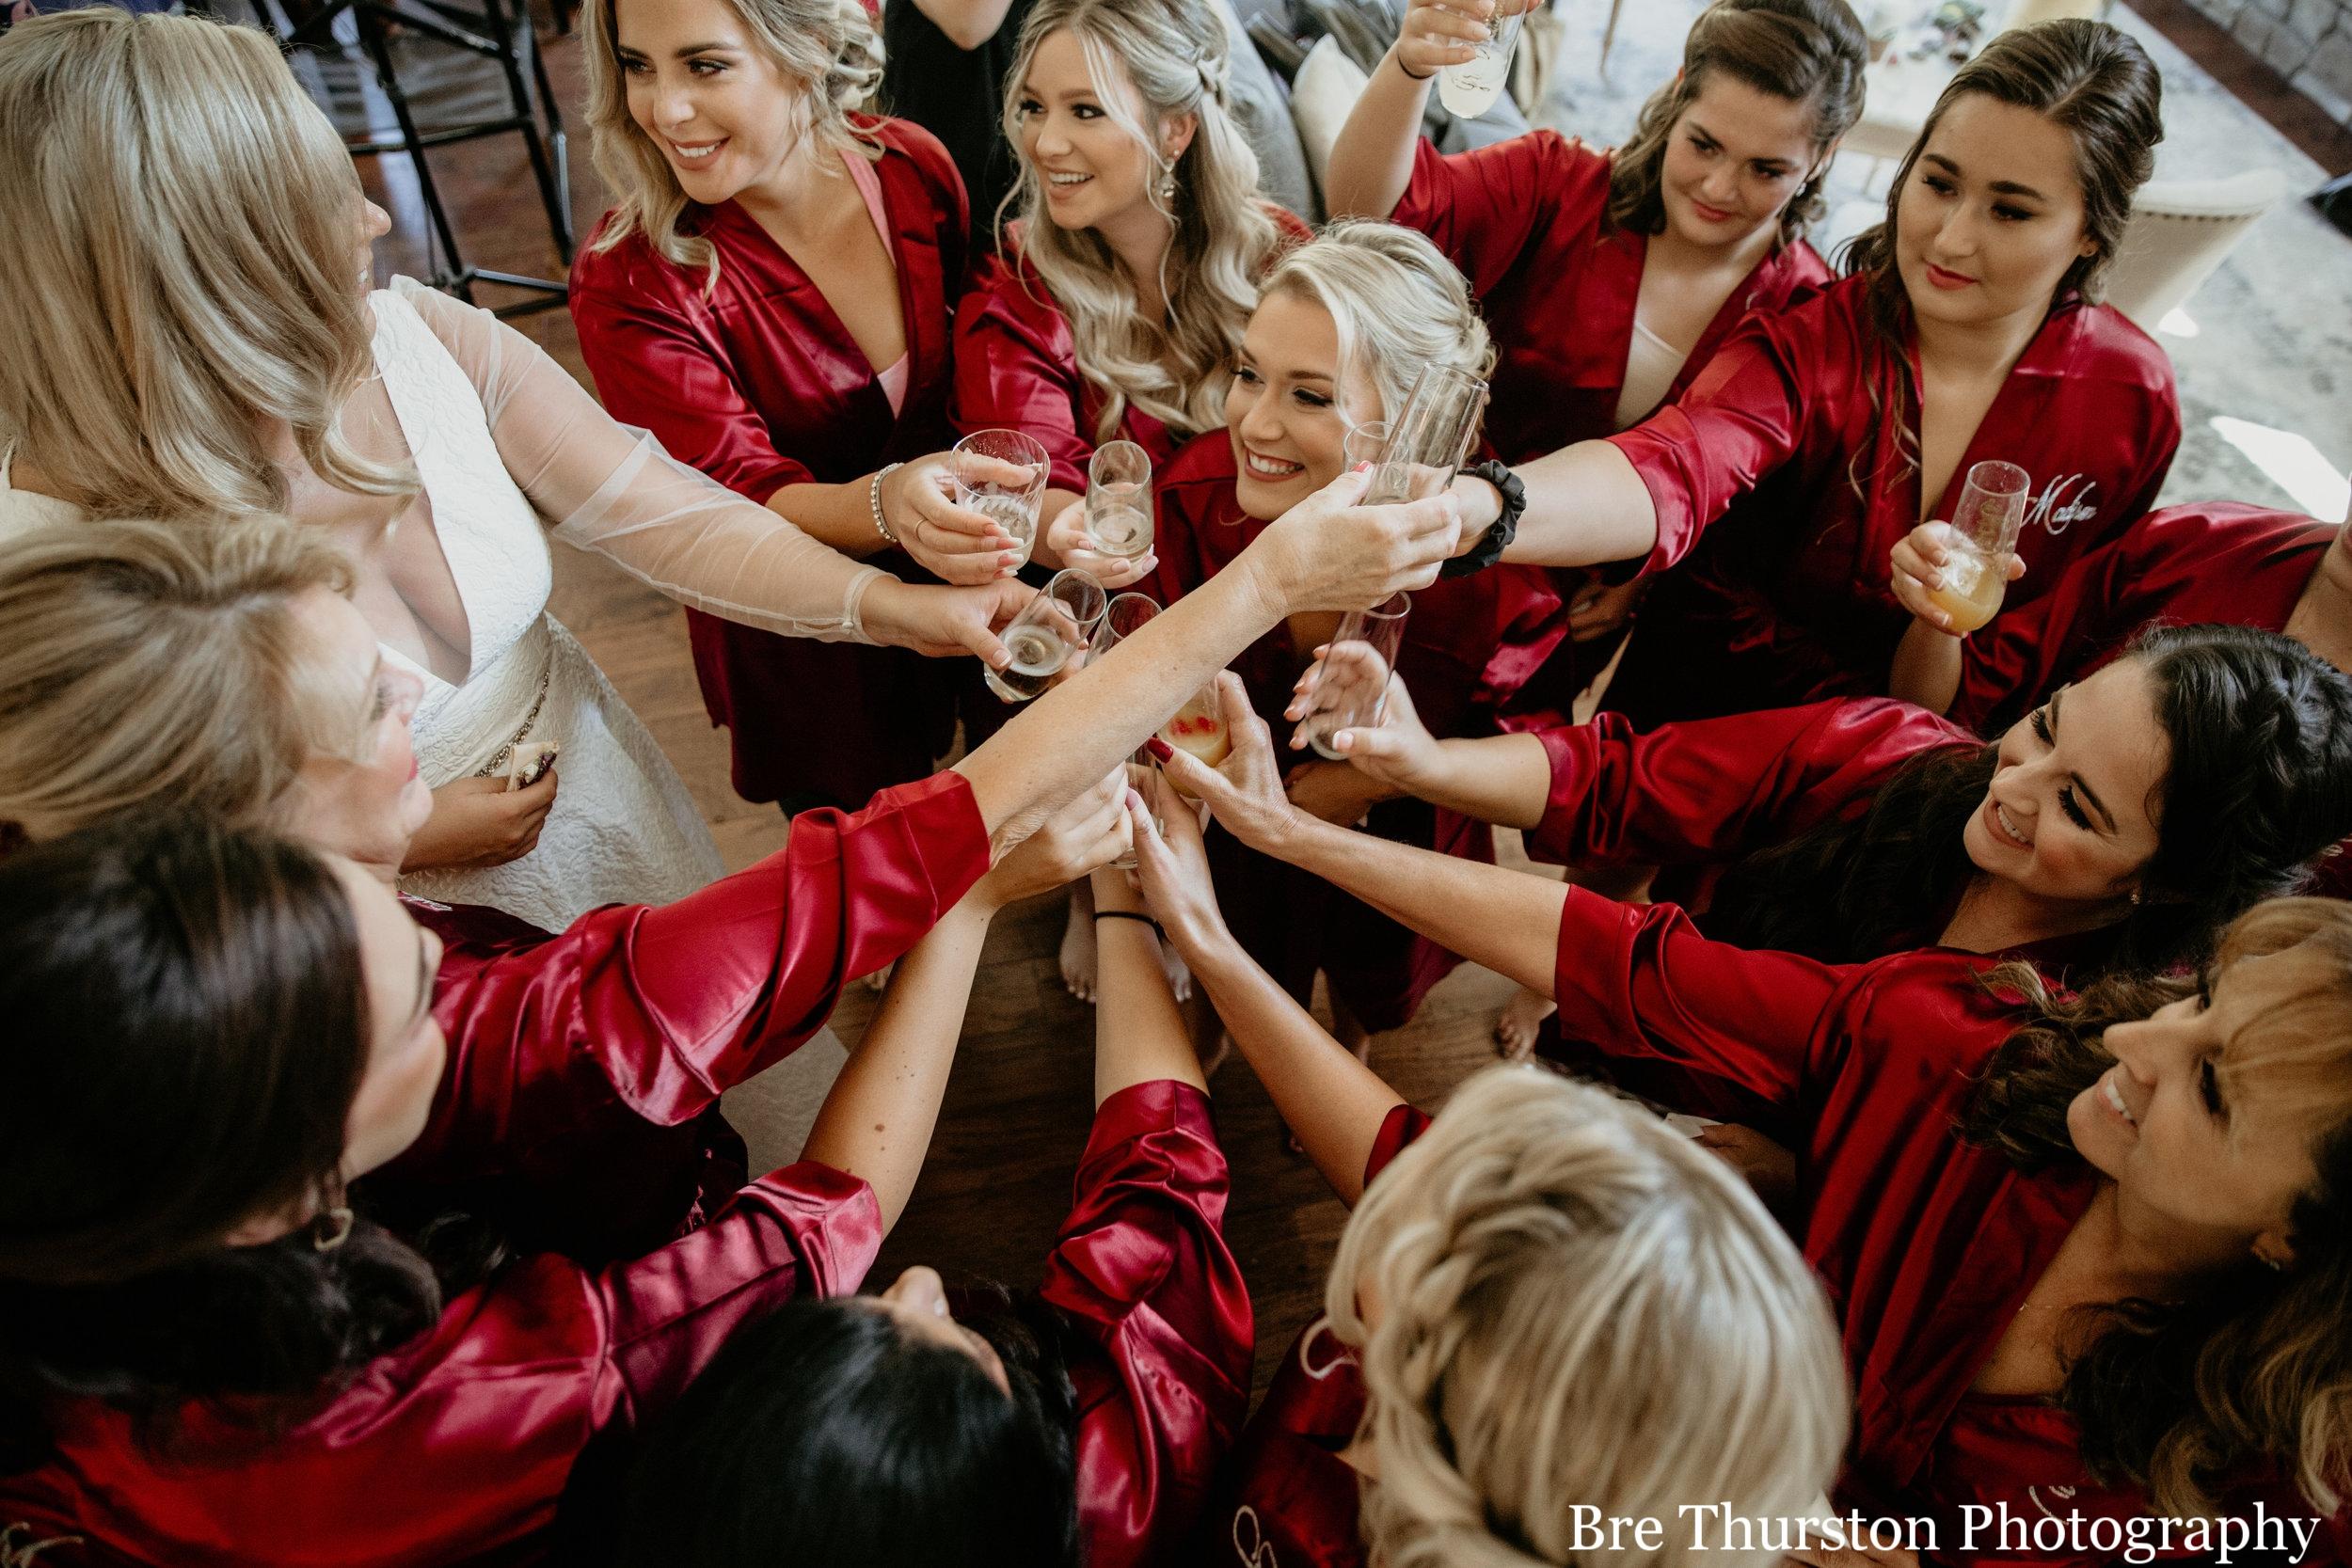 Girls cheersing - Einfalt Wedding 0166.jpg